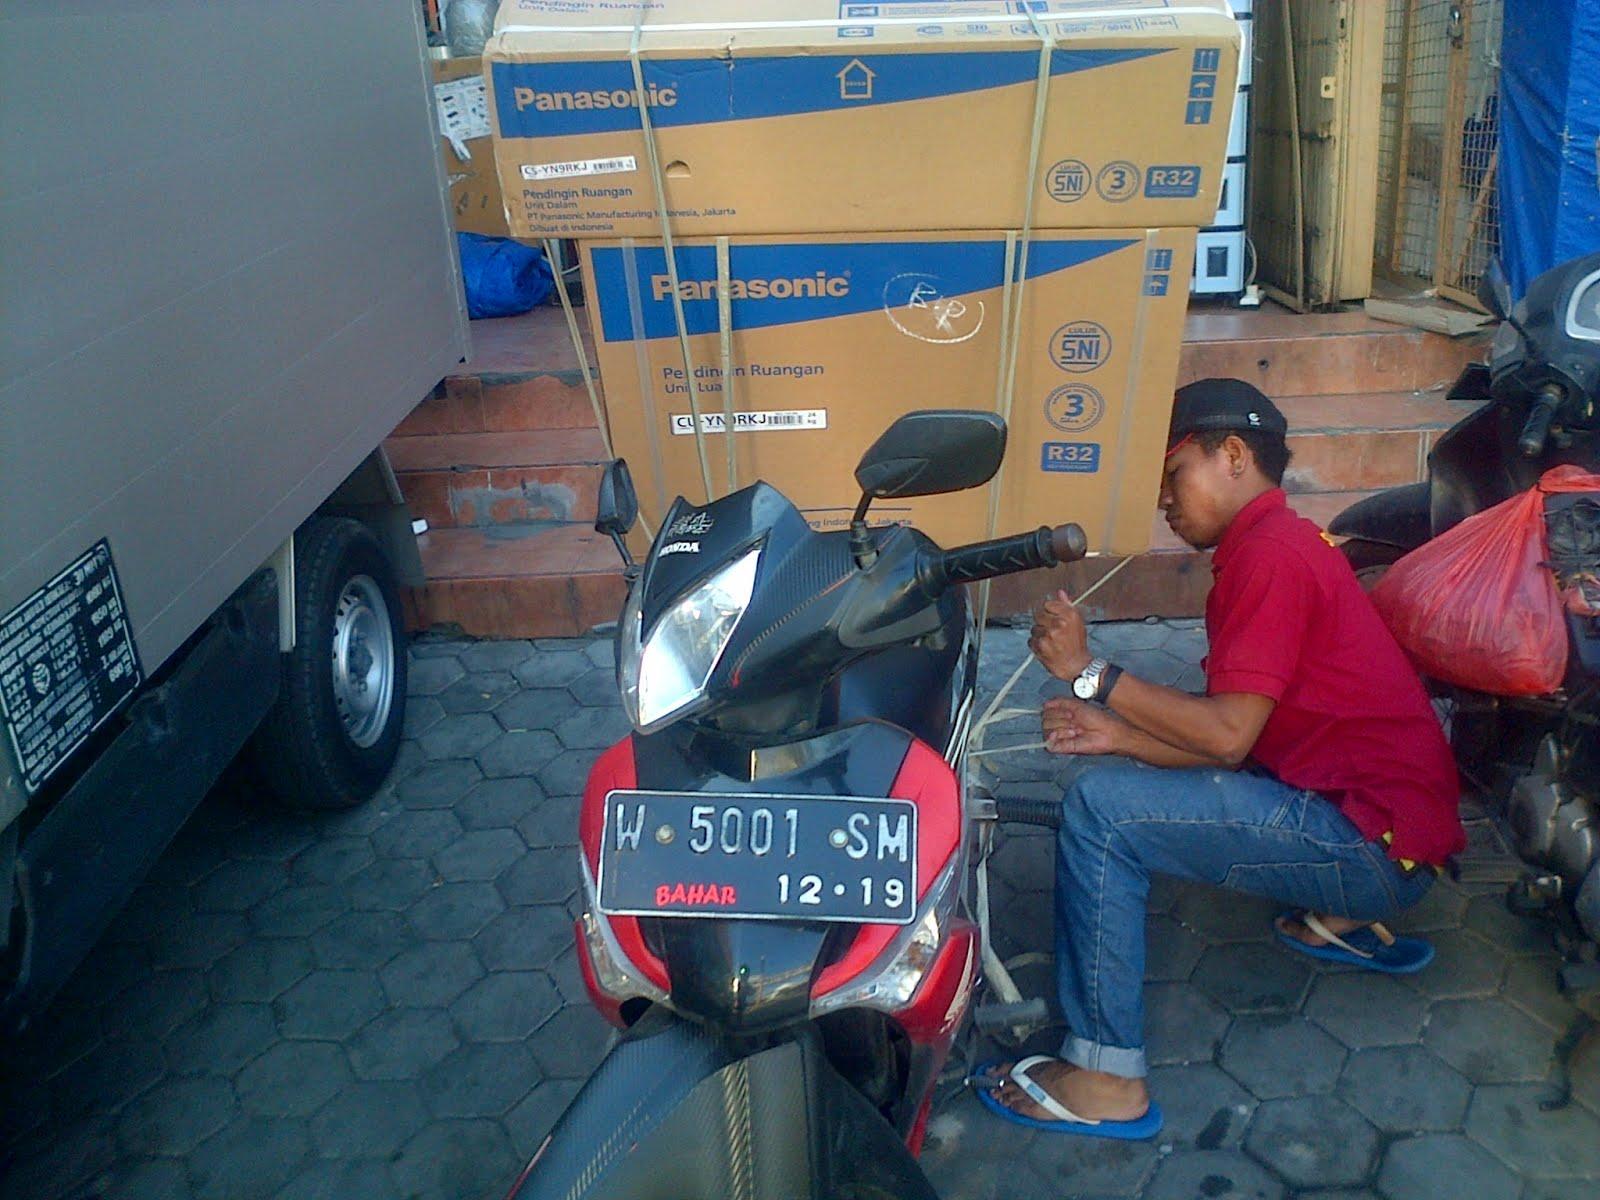 Toko AC Surabaya-Sidoarjo T.081230666707